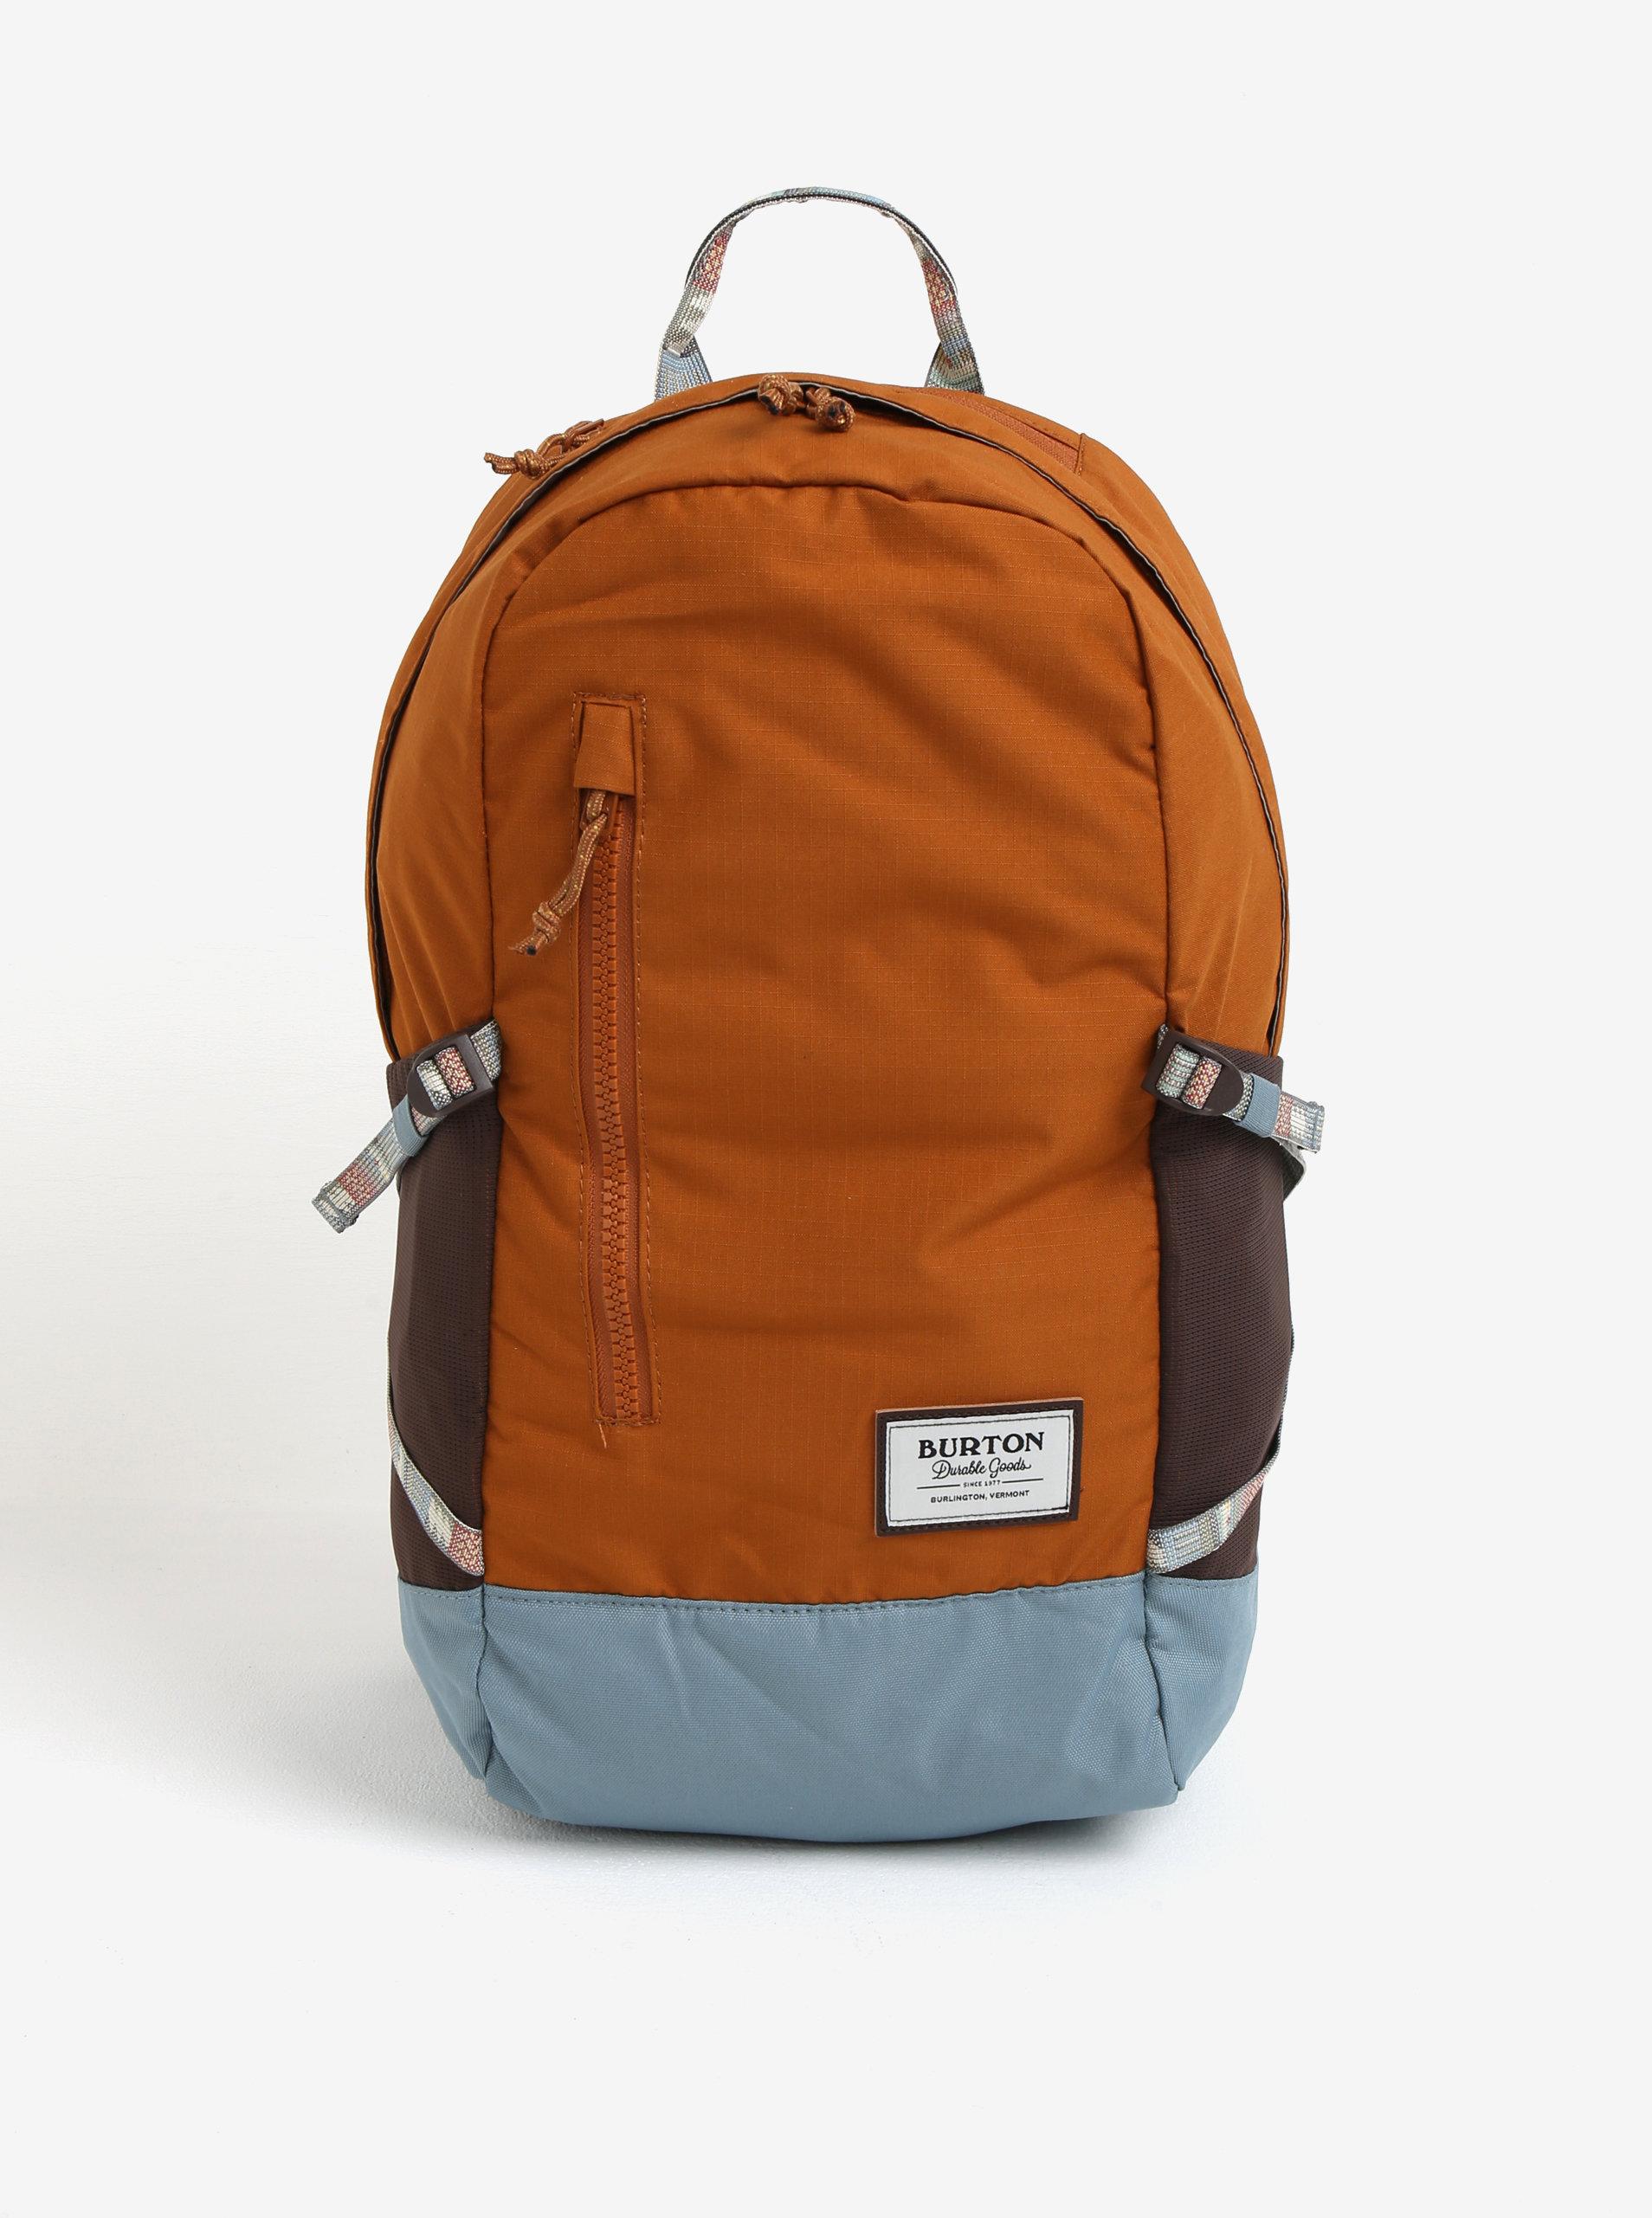 Hnědý batoh Burton Prospect 21 l - SLEVA!  86c87e596b